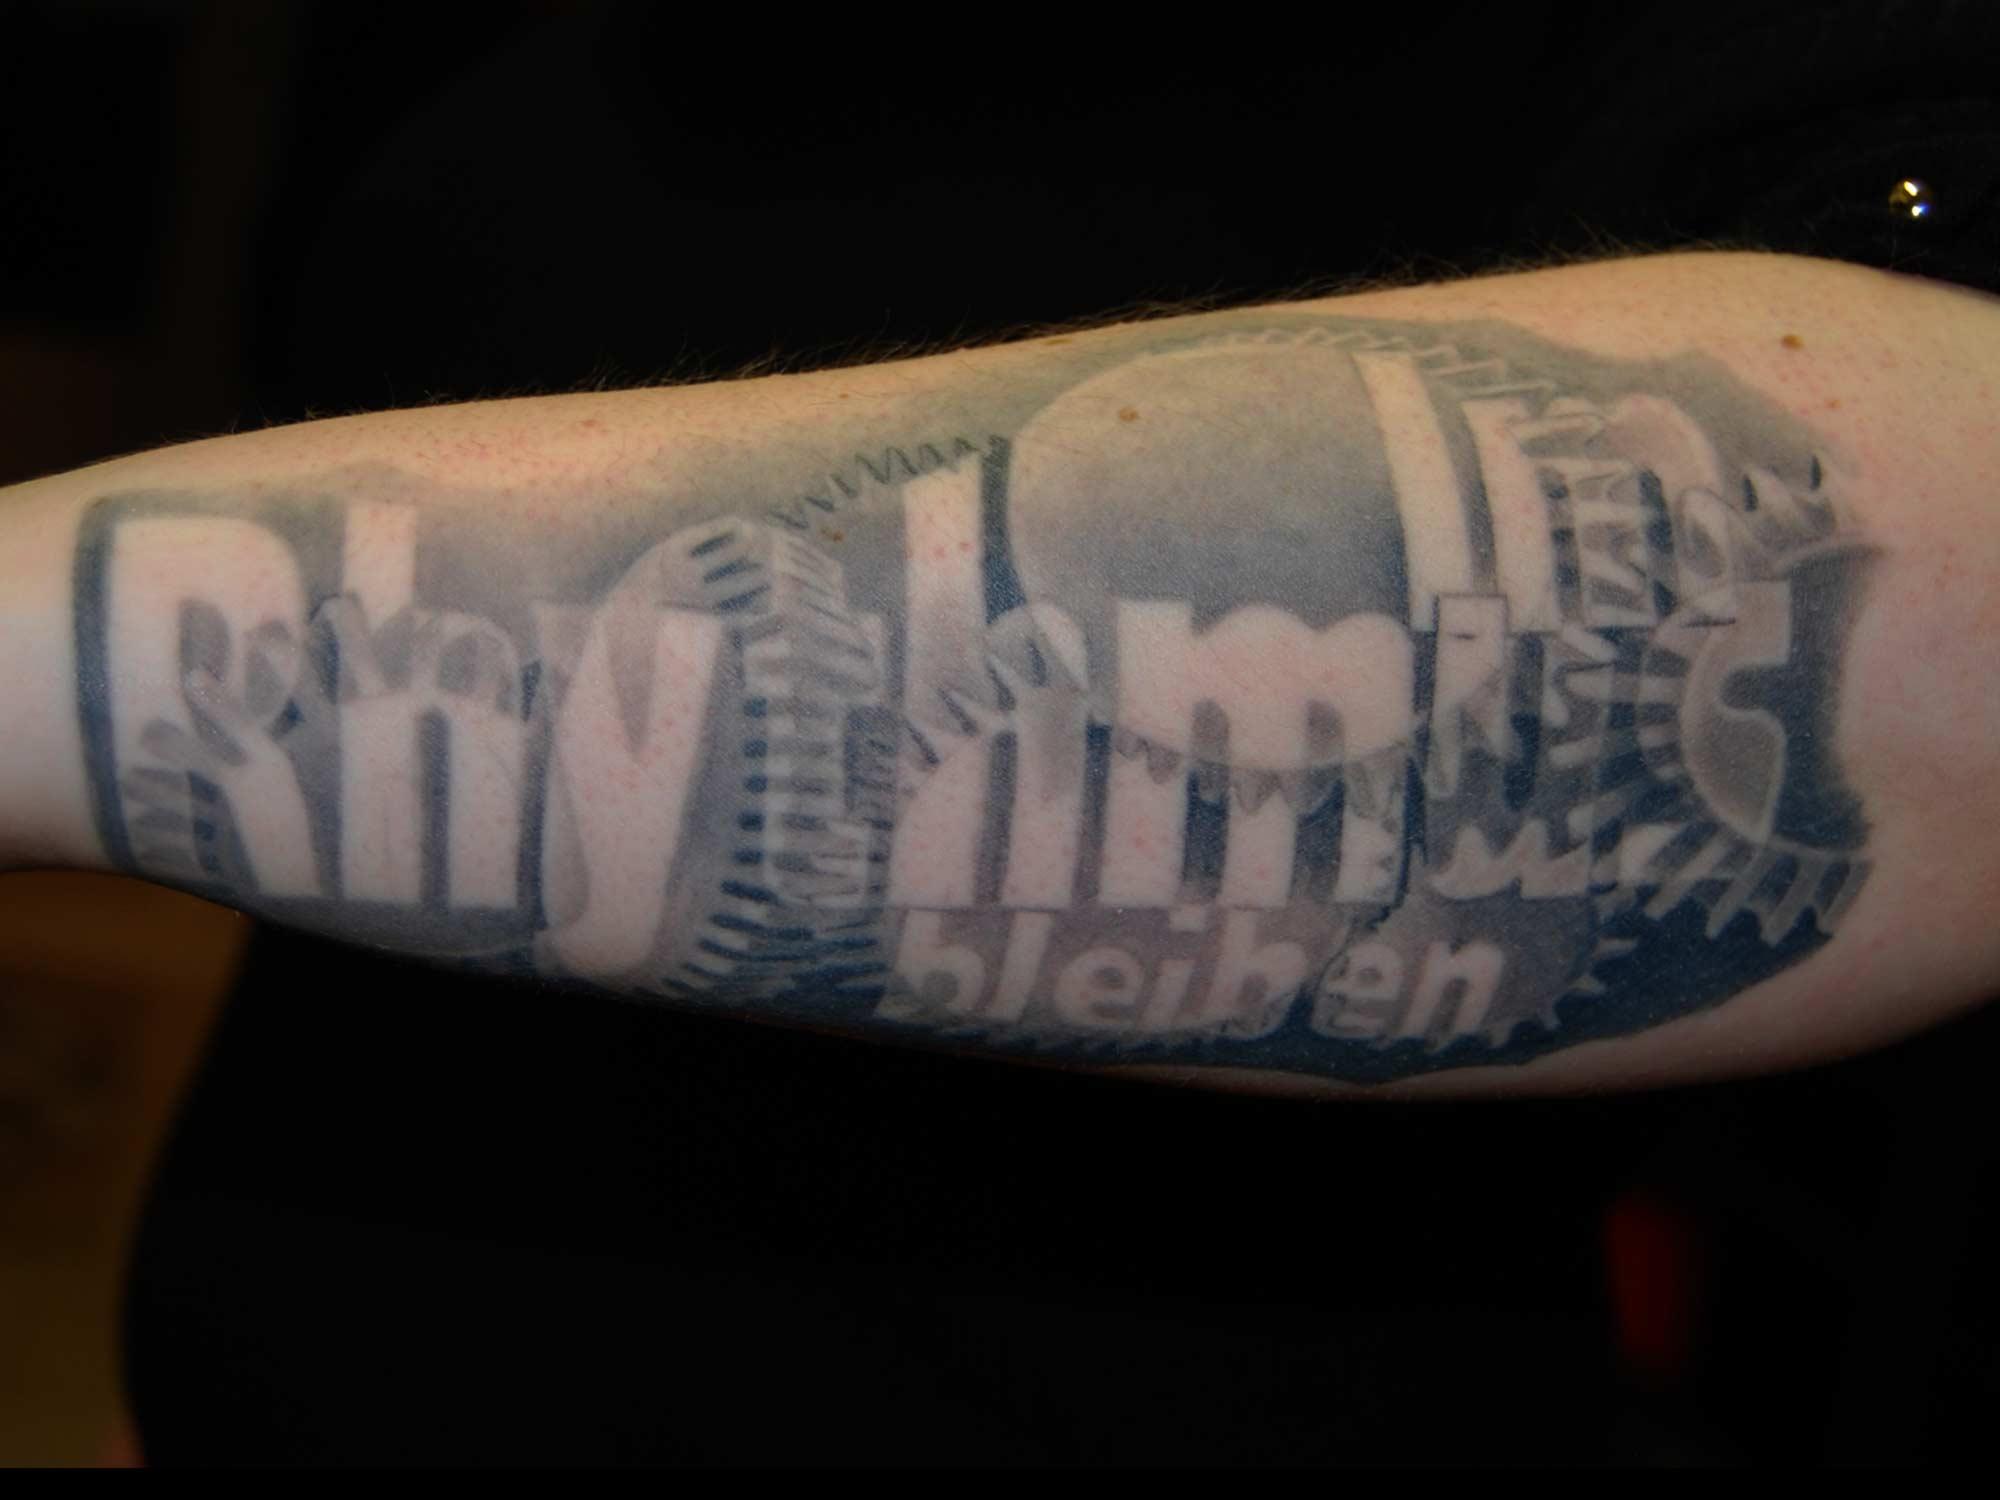 """Zahnräder Tattoo mit Schrift """" im Rhythmus bleiben """" Biomechanik München"""